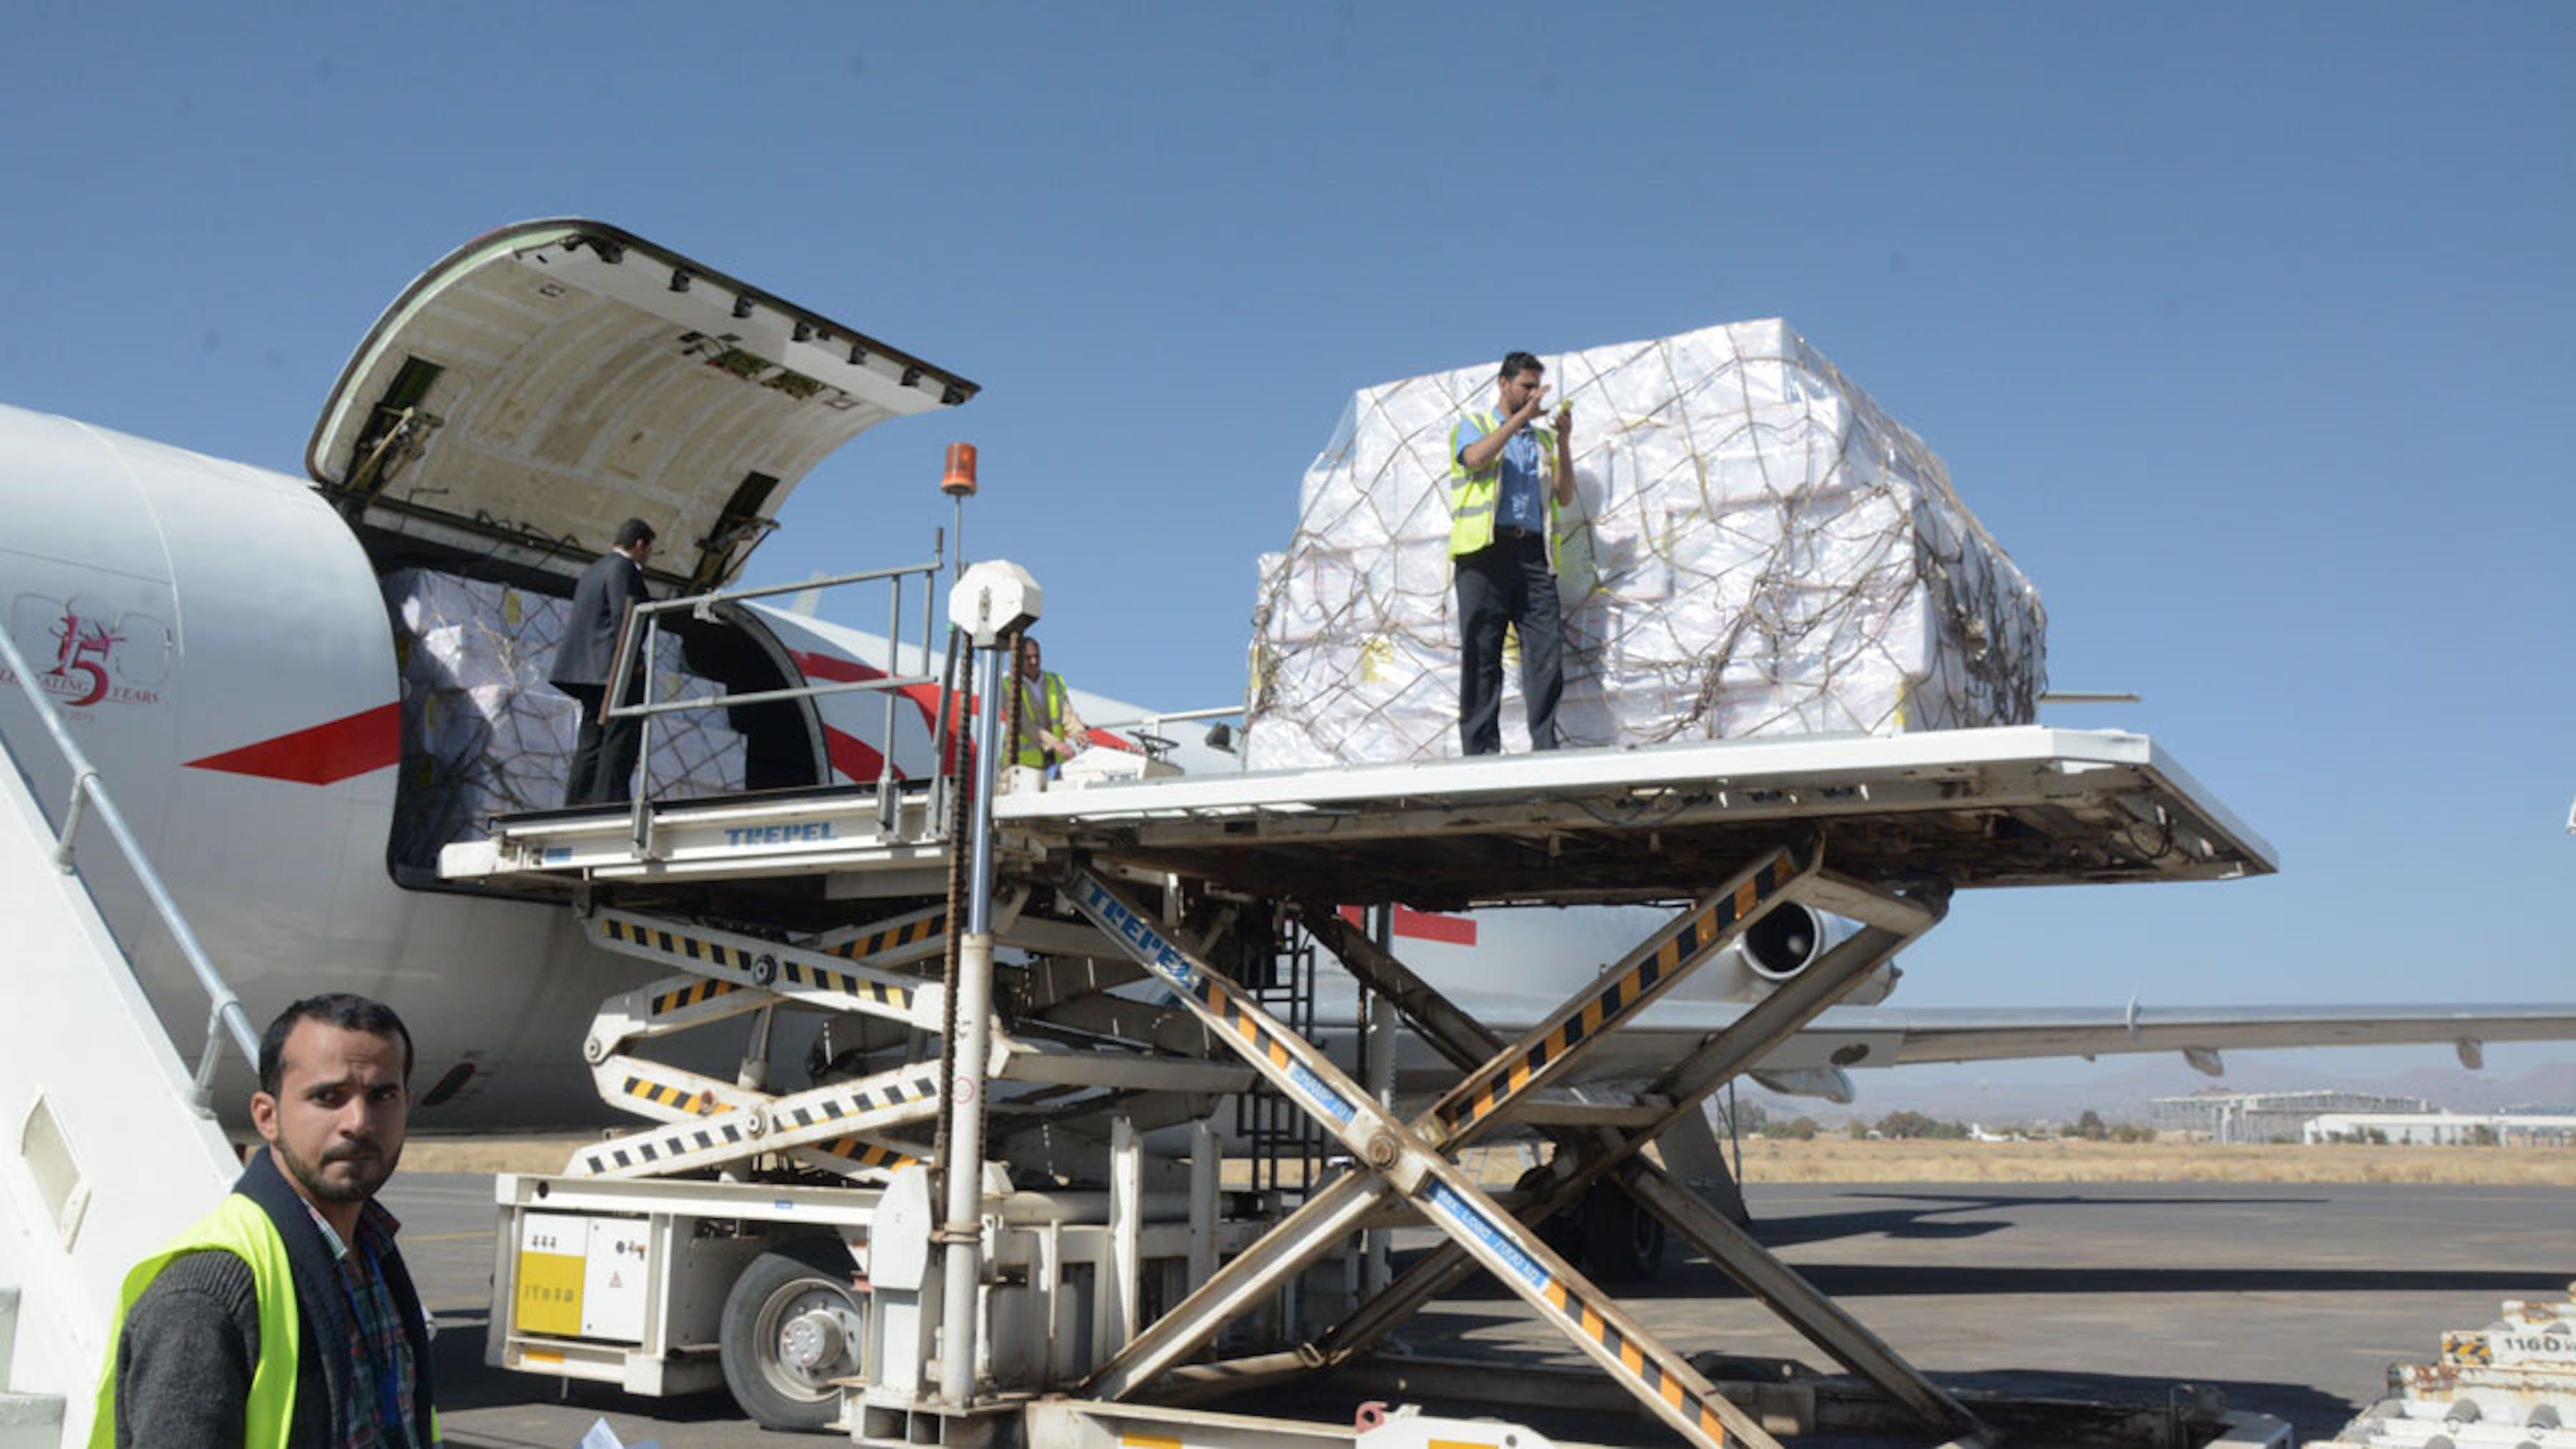 Un momento delle operazioni di scarico delle 15 tonnellate di aiuti umanitari dal cargo UNICEF all'aeroporto di Sana'a (Yemen) - ©UNICEF/2017/Ibrahim Alrawni